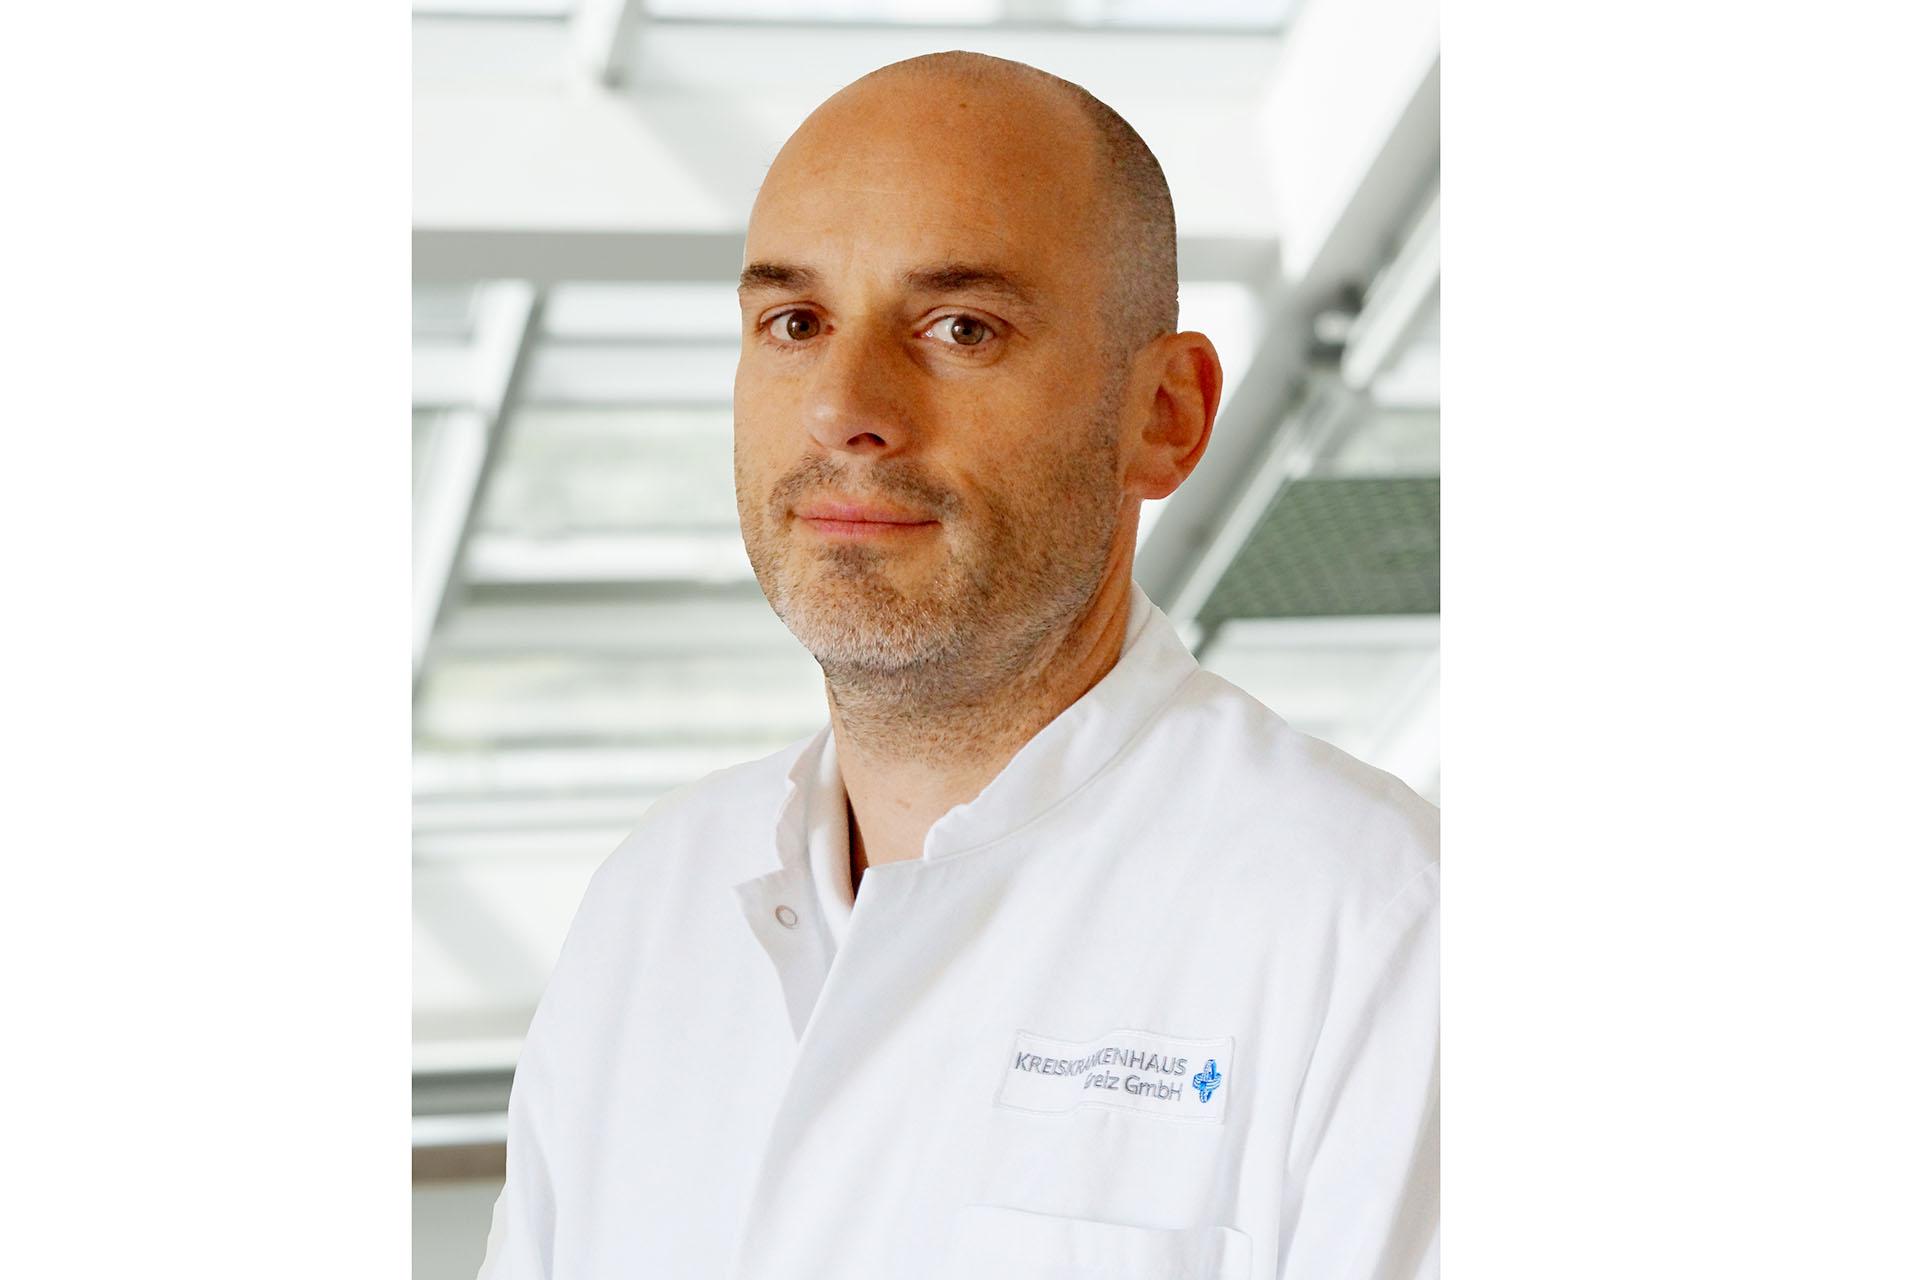 Ebenfalls am 19. August hat Herr Norbert Hiemann seine Tätigkeit als Chefarzt der Klinik für Innere Medizin 1